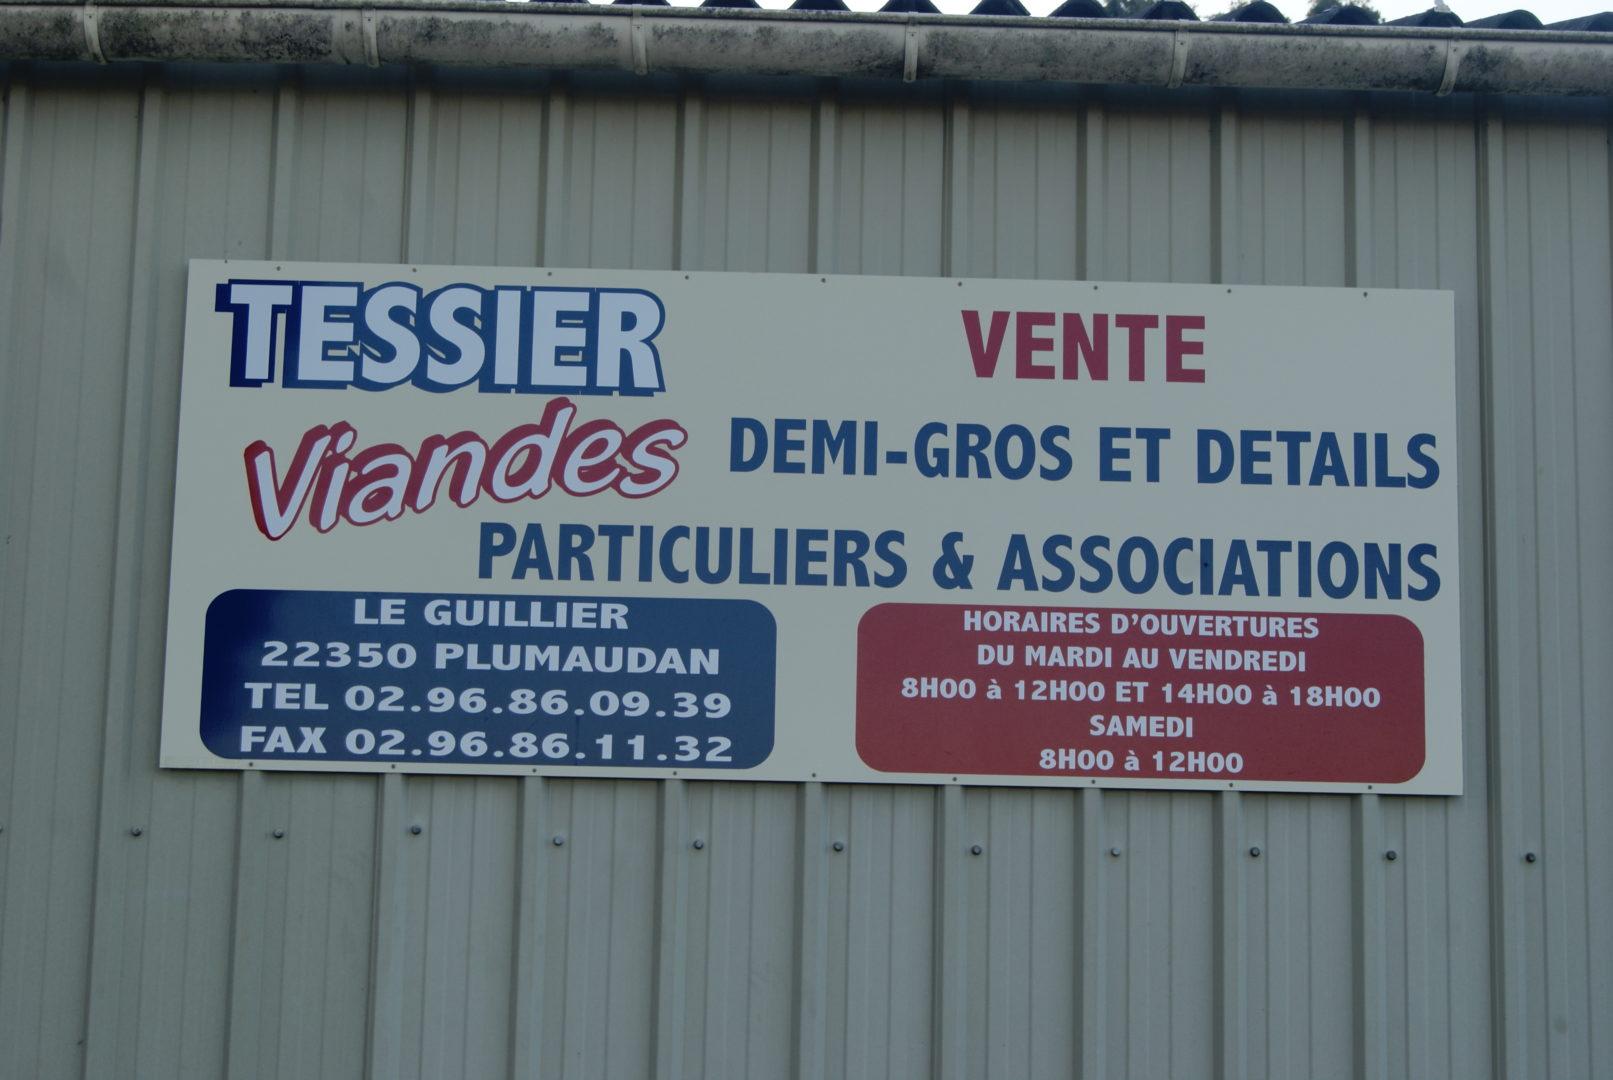 Tessier Viandes, contact et plan